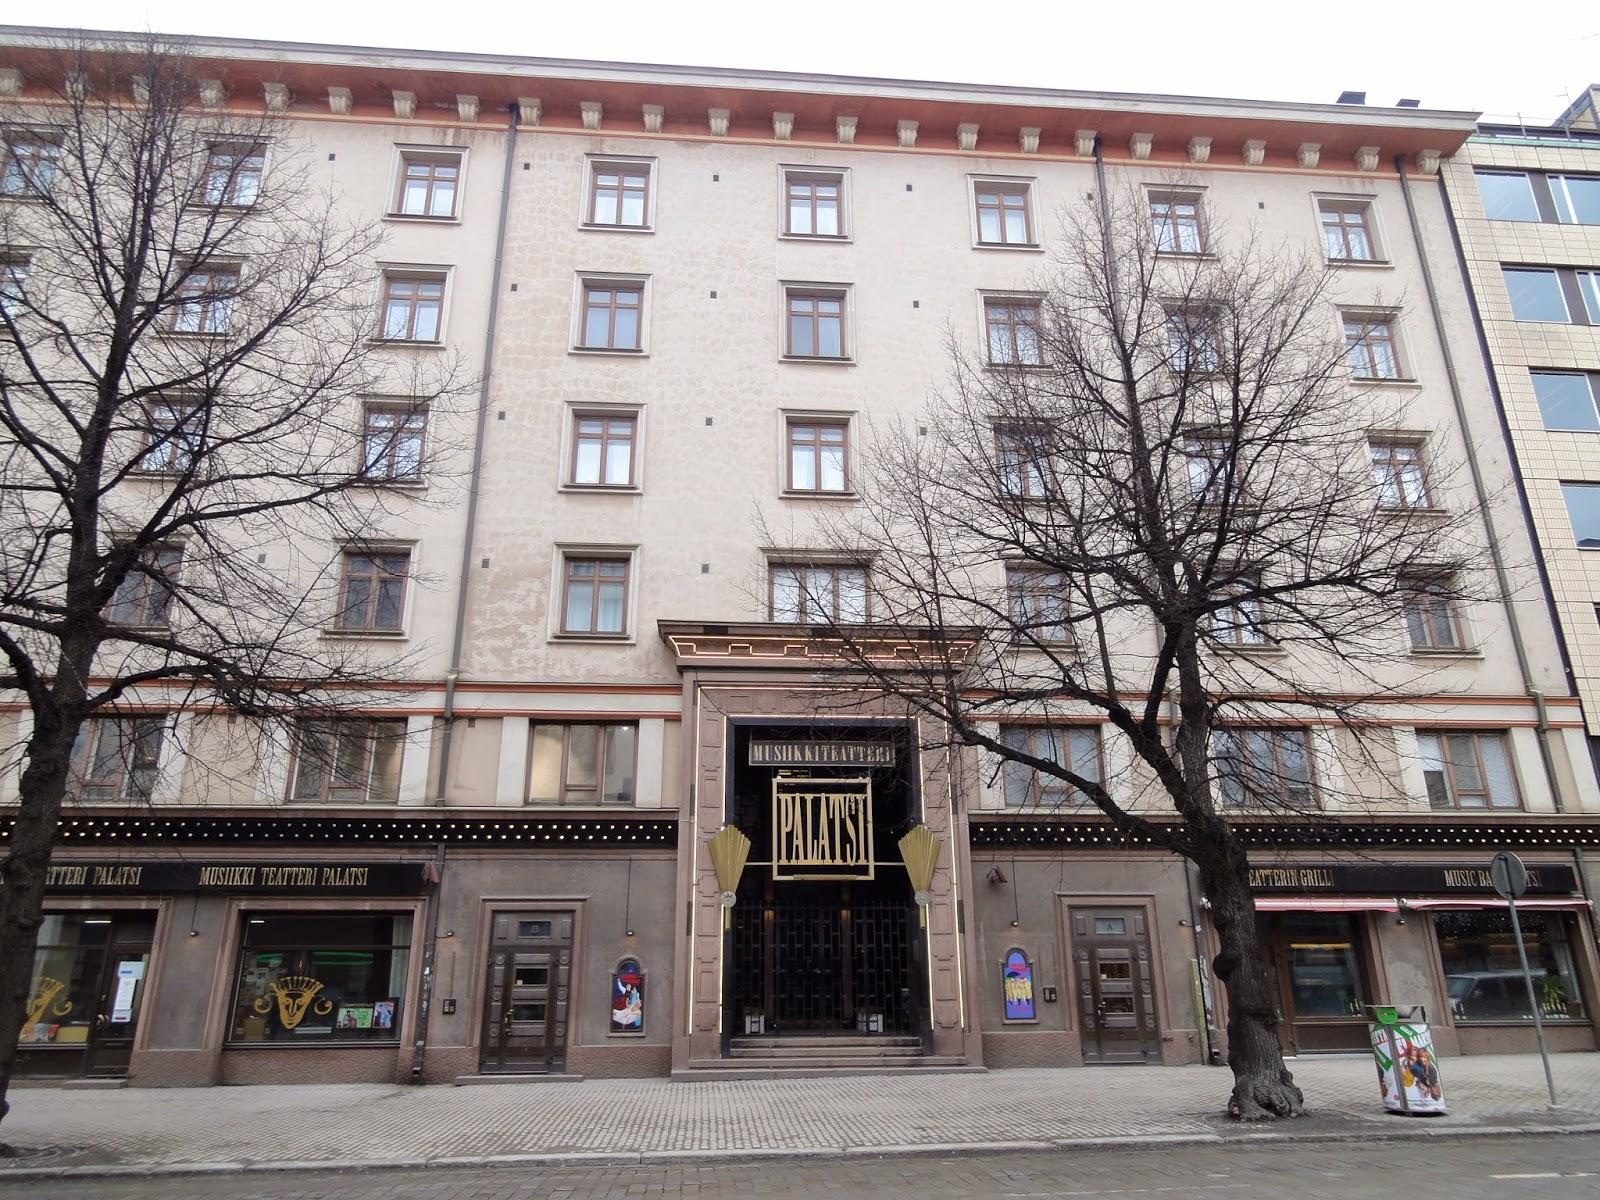 Elokuvateatteri Tampere